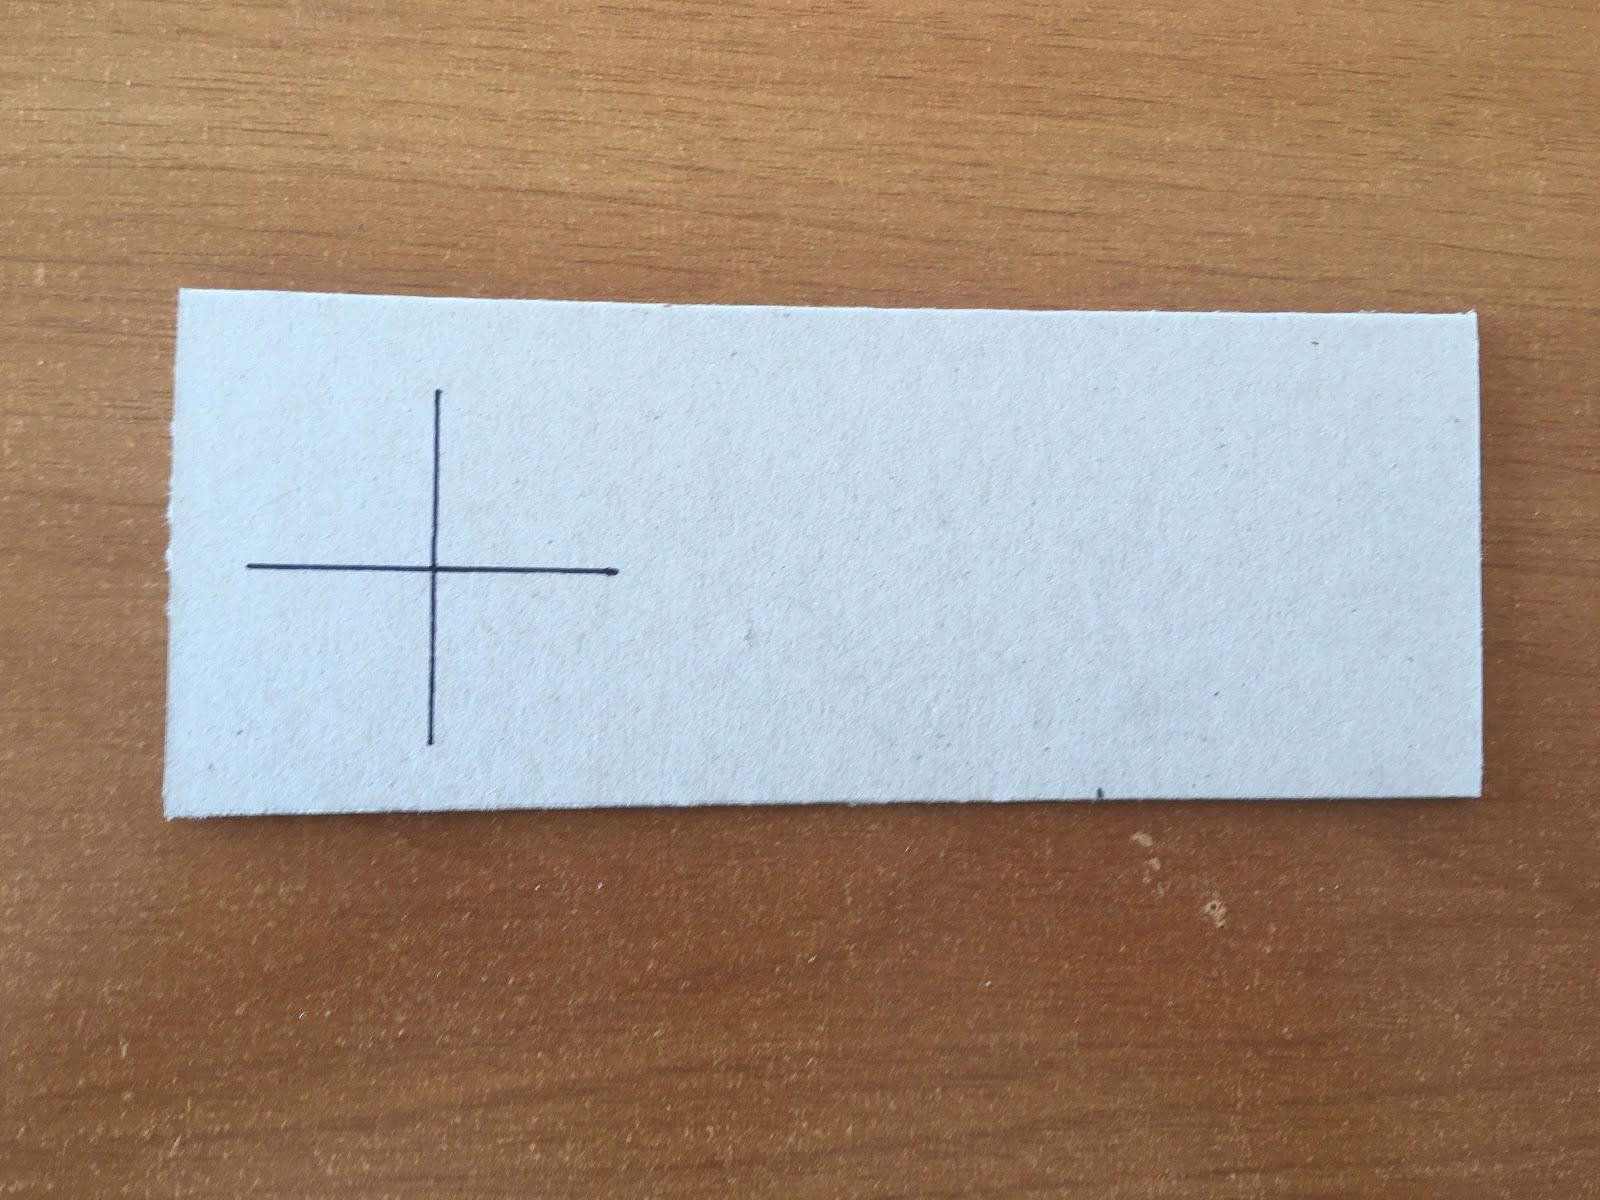 Trazado de dos líneas rectas compartiendo su punto medio, formando una cruz.